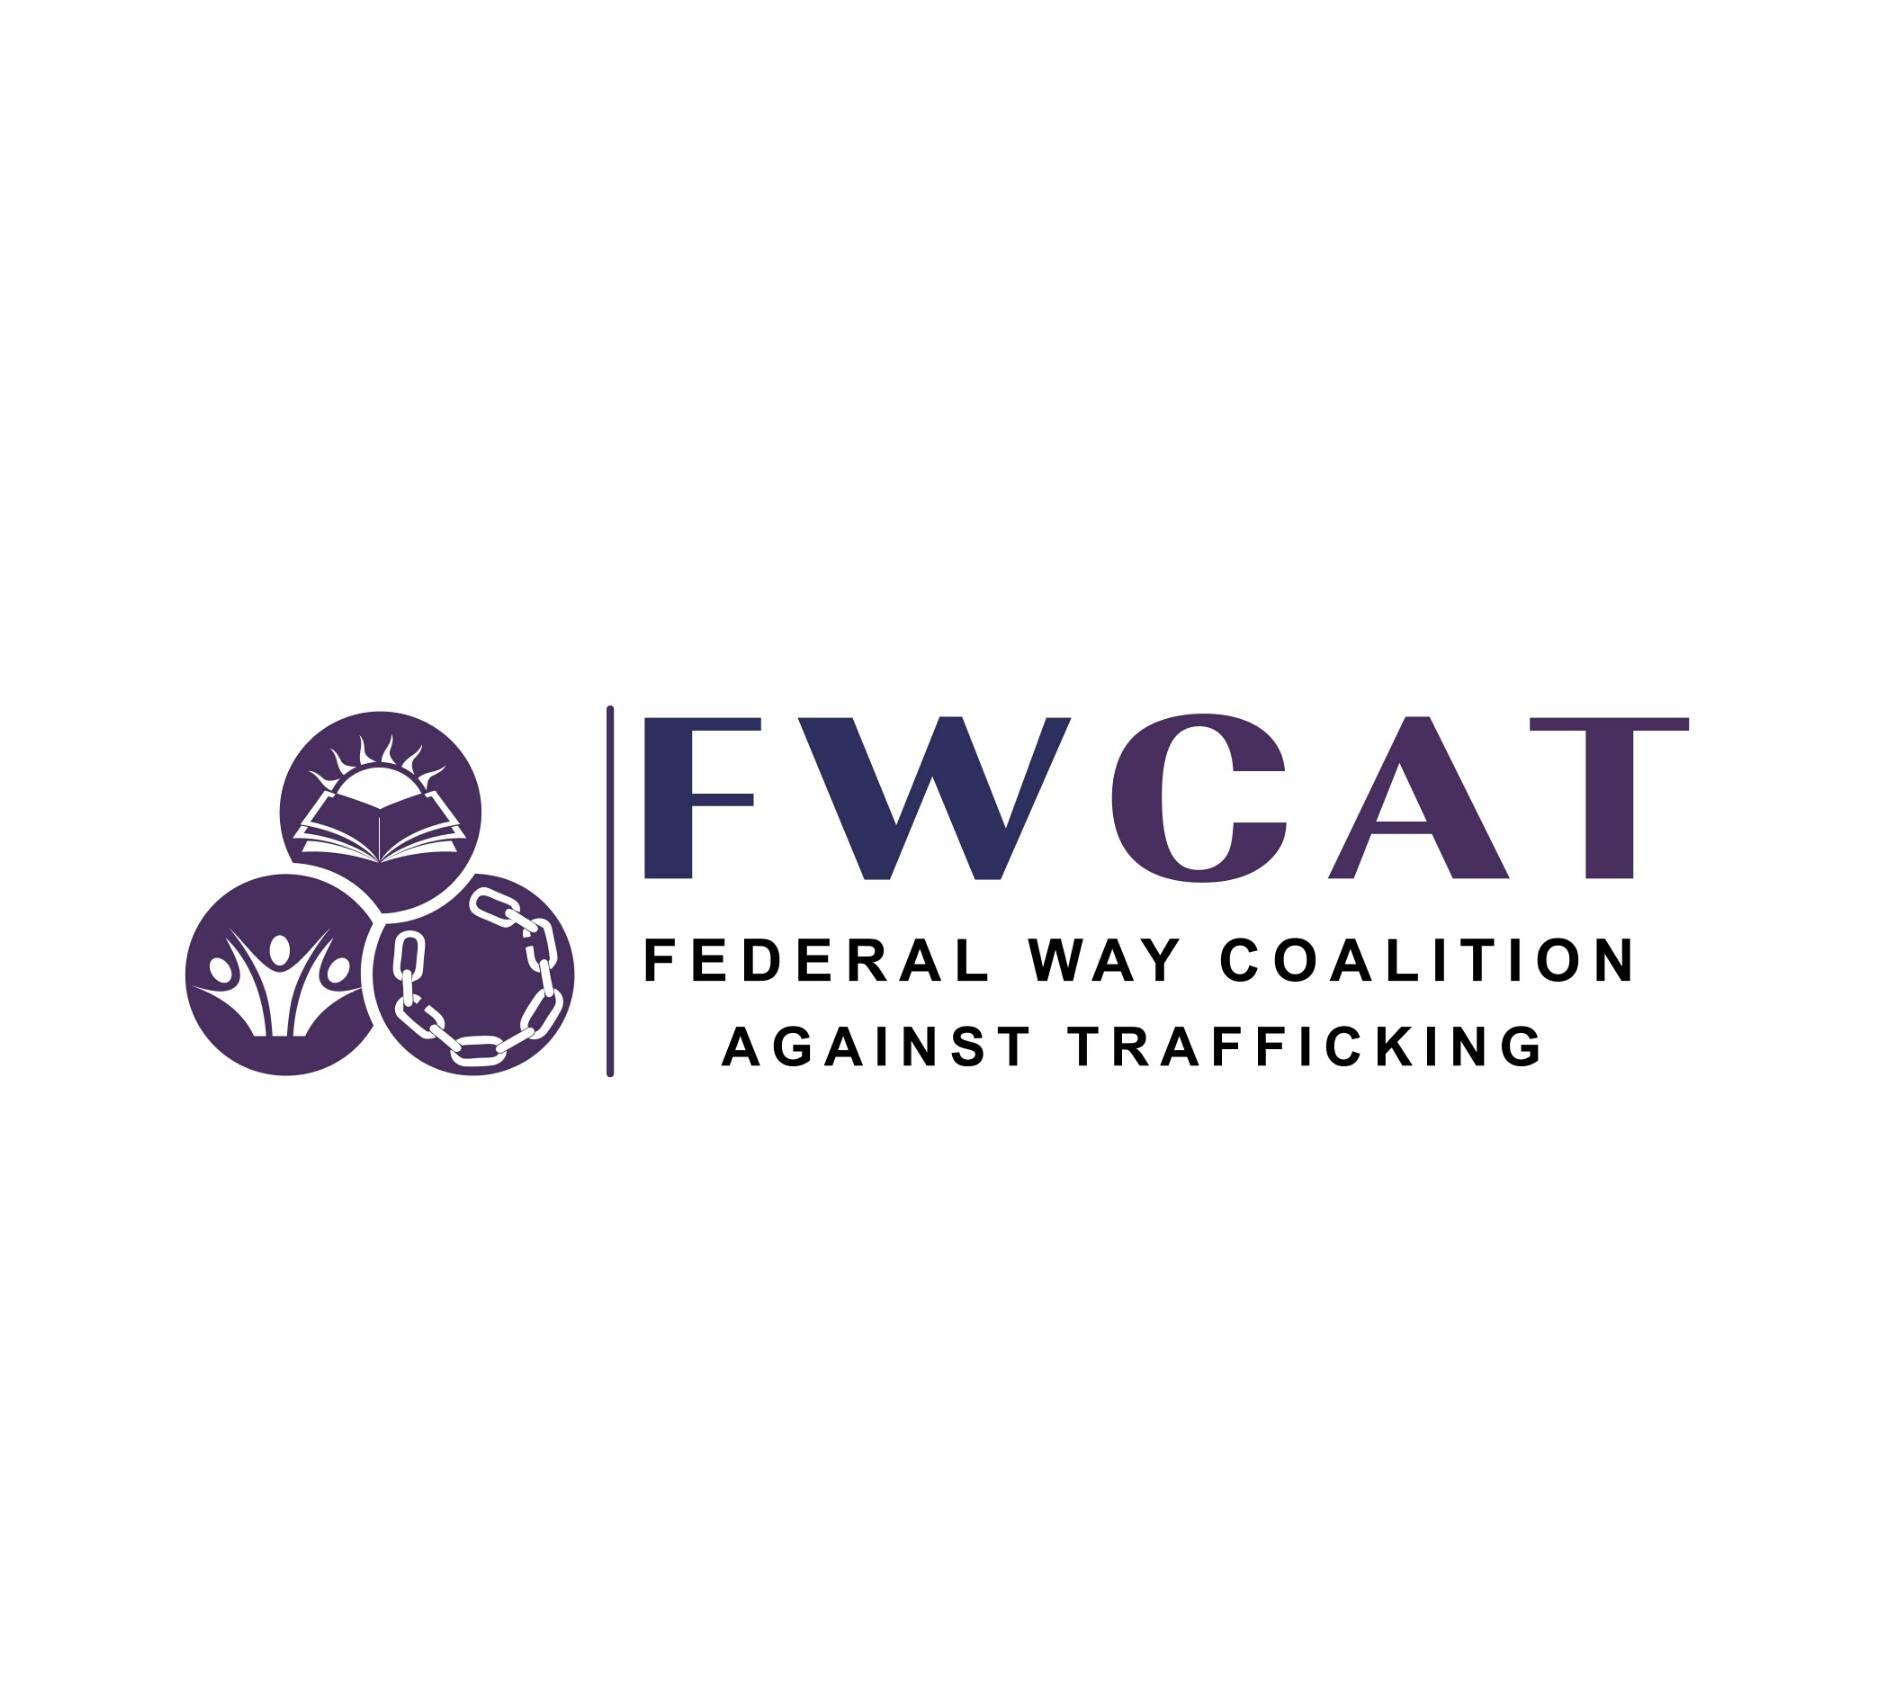 Fwcat logo